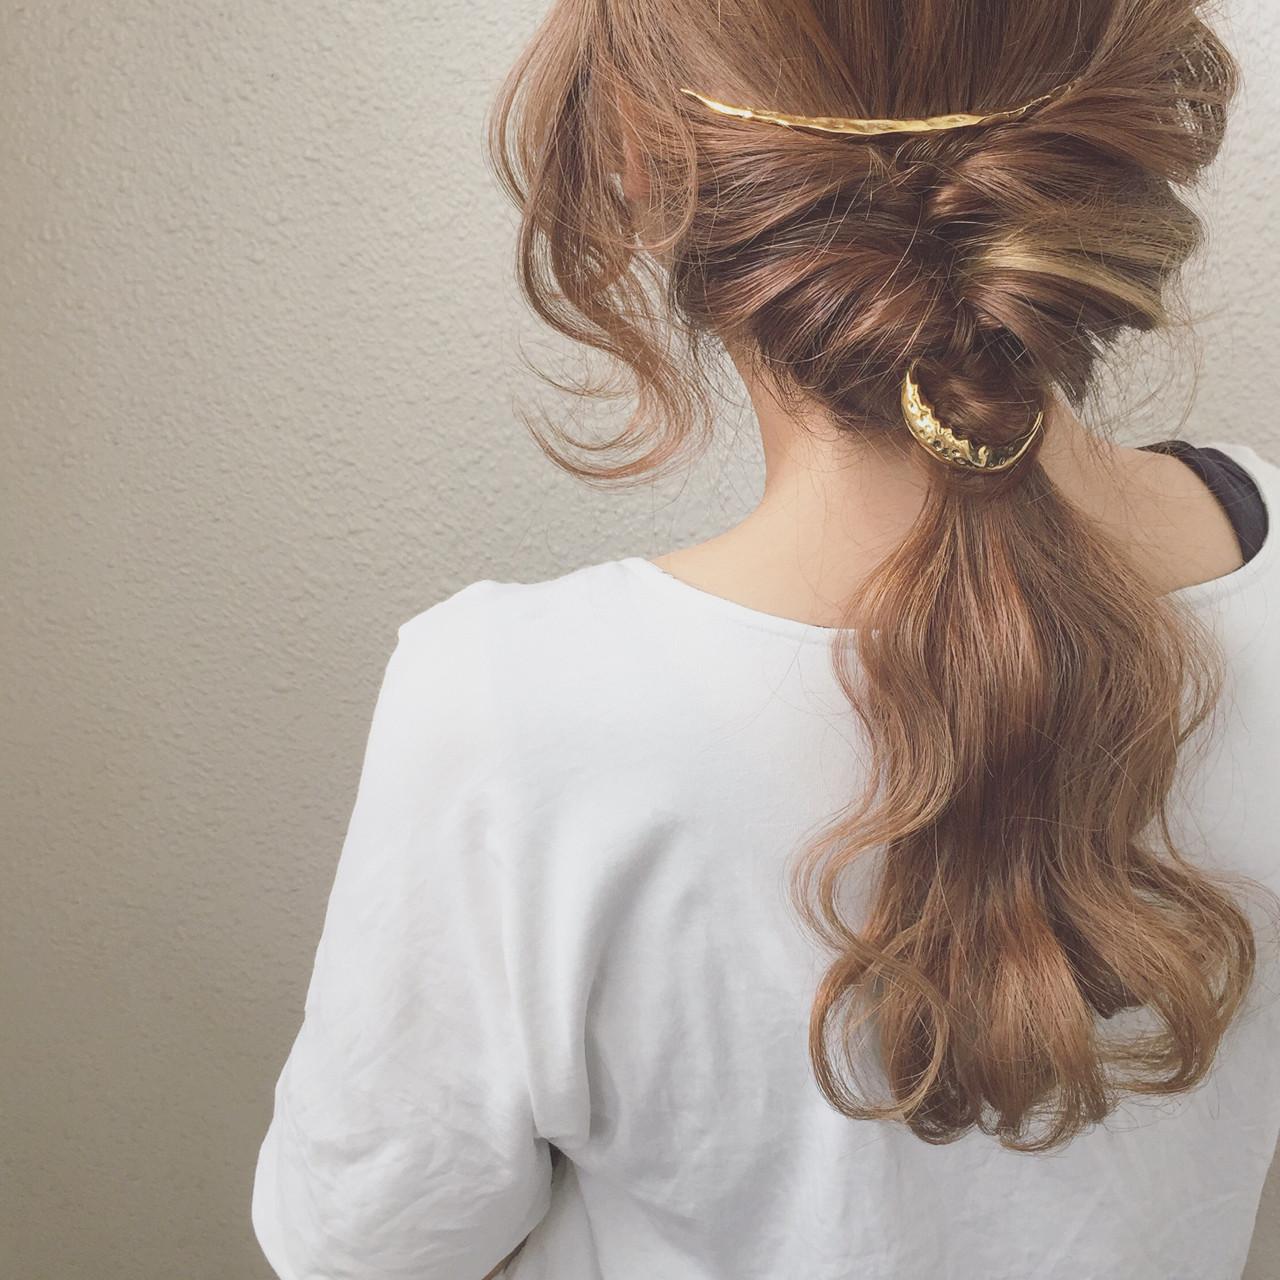 ヘアアレンジ 簡単ヘアアレンジ セミロング ポニーテール ヘアスタイルや髪型の写真・画像 | カワノ ヨウヘイ / GATE.